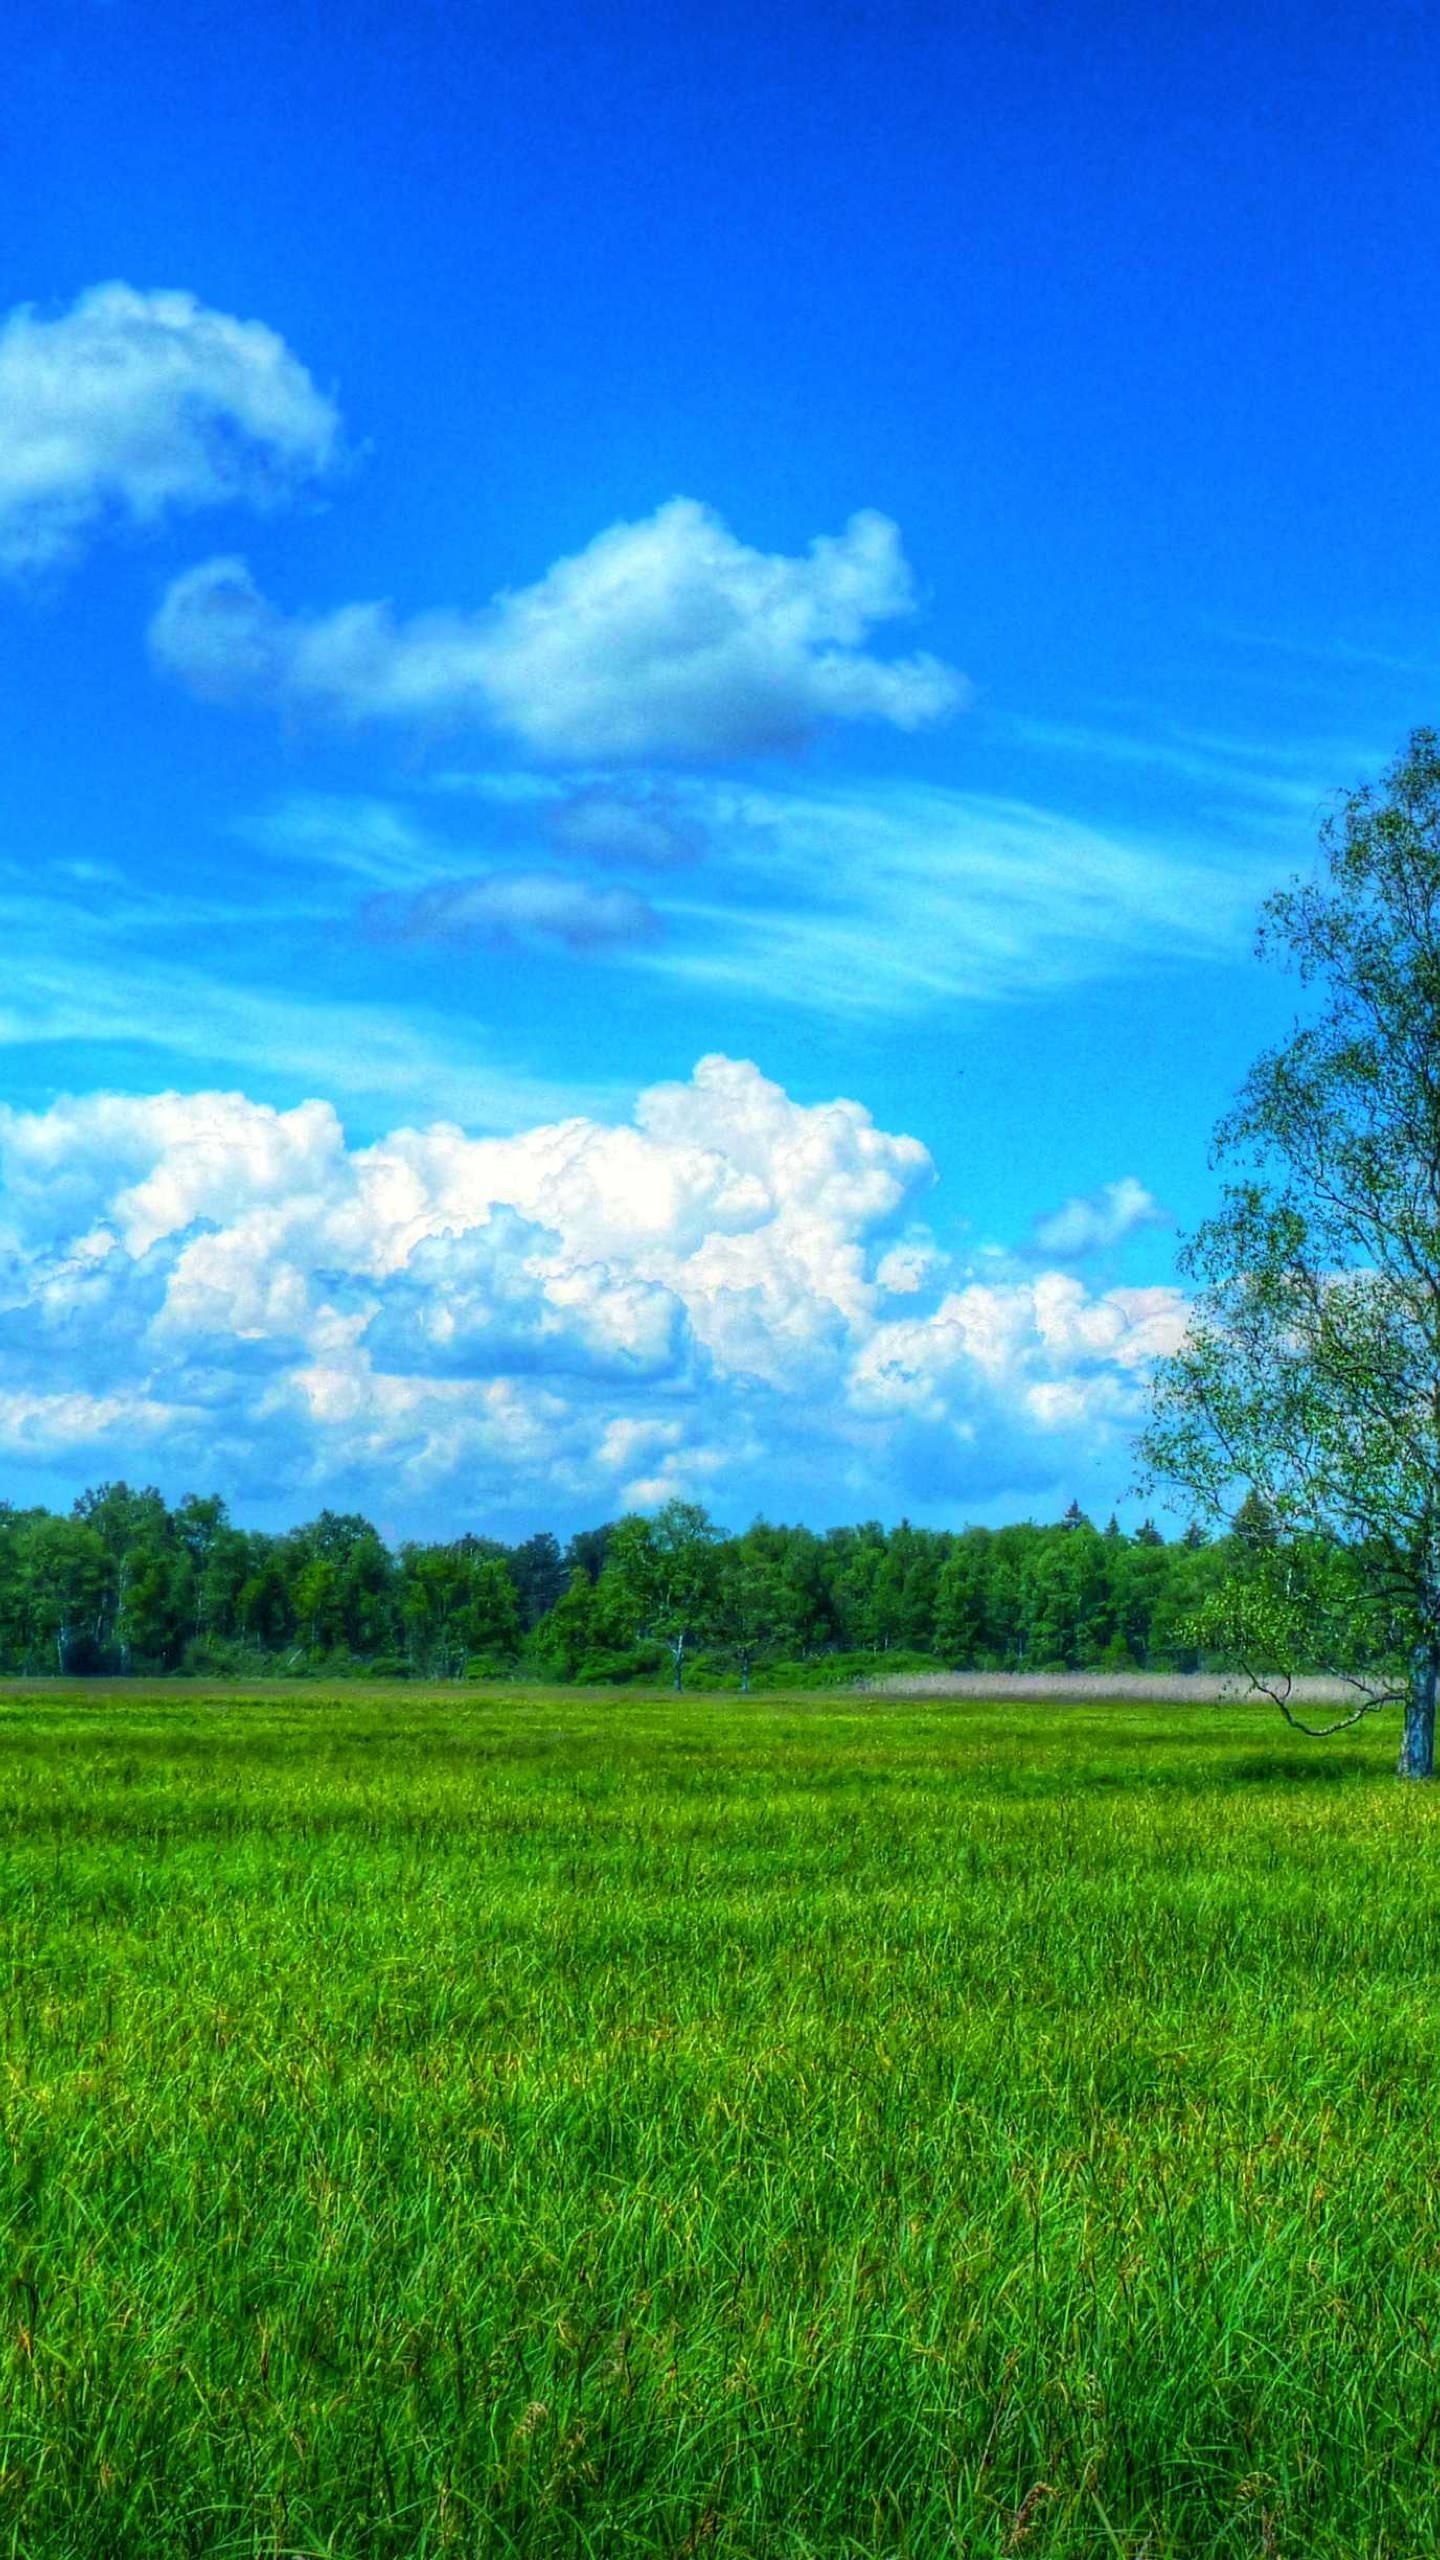 風景自然緑青 Wallpaper Sc スマホ壁紙